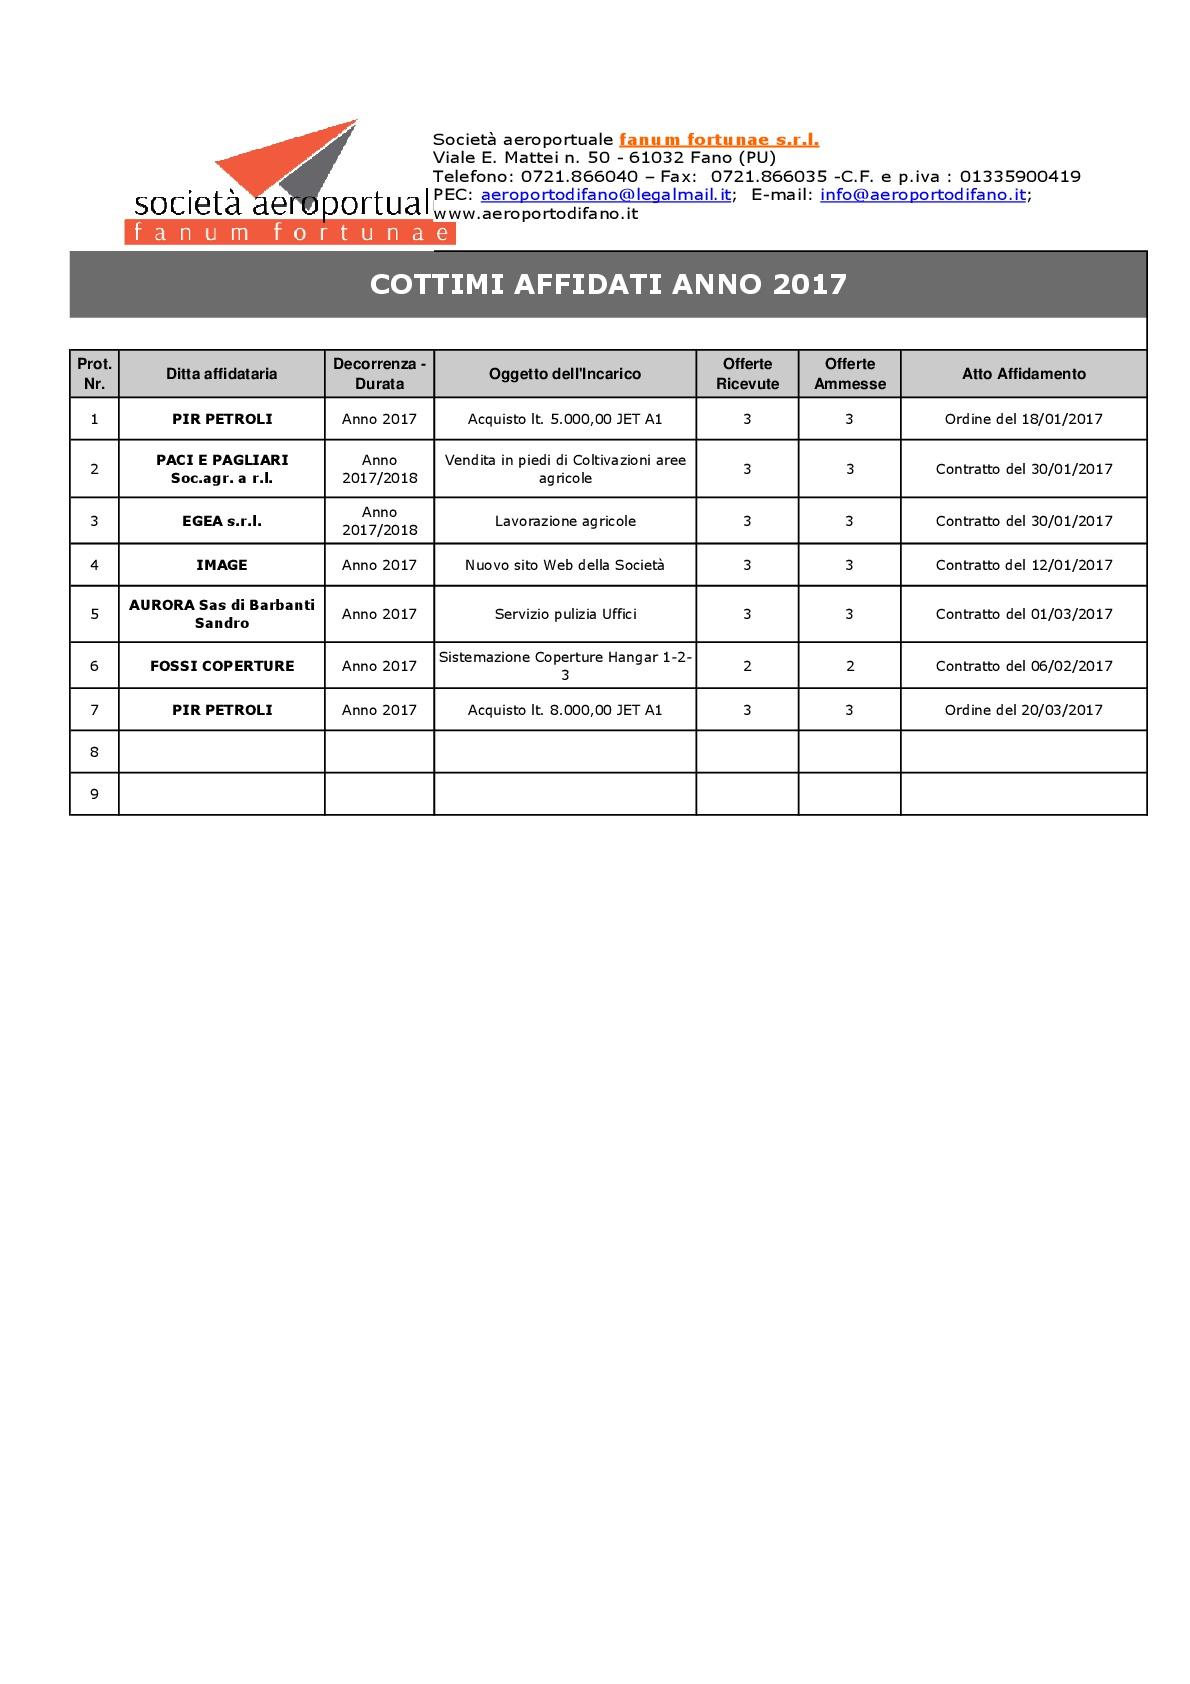 Cottimi Affidati S.P.2-001